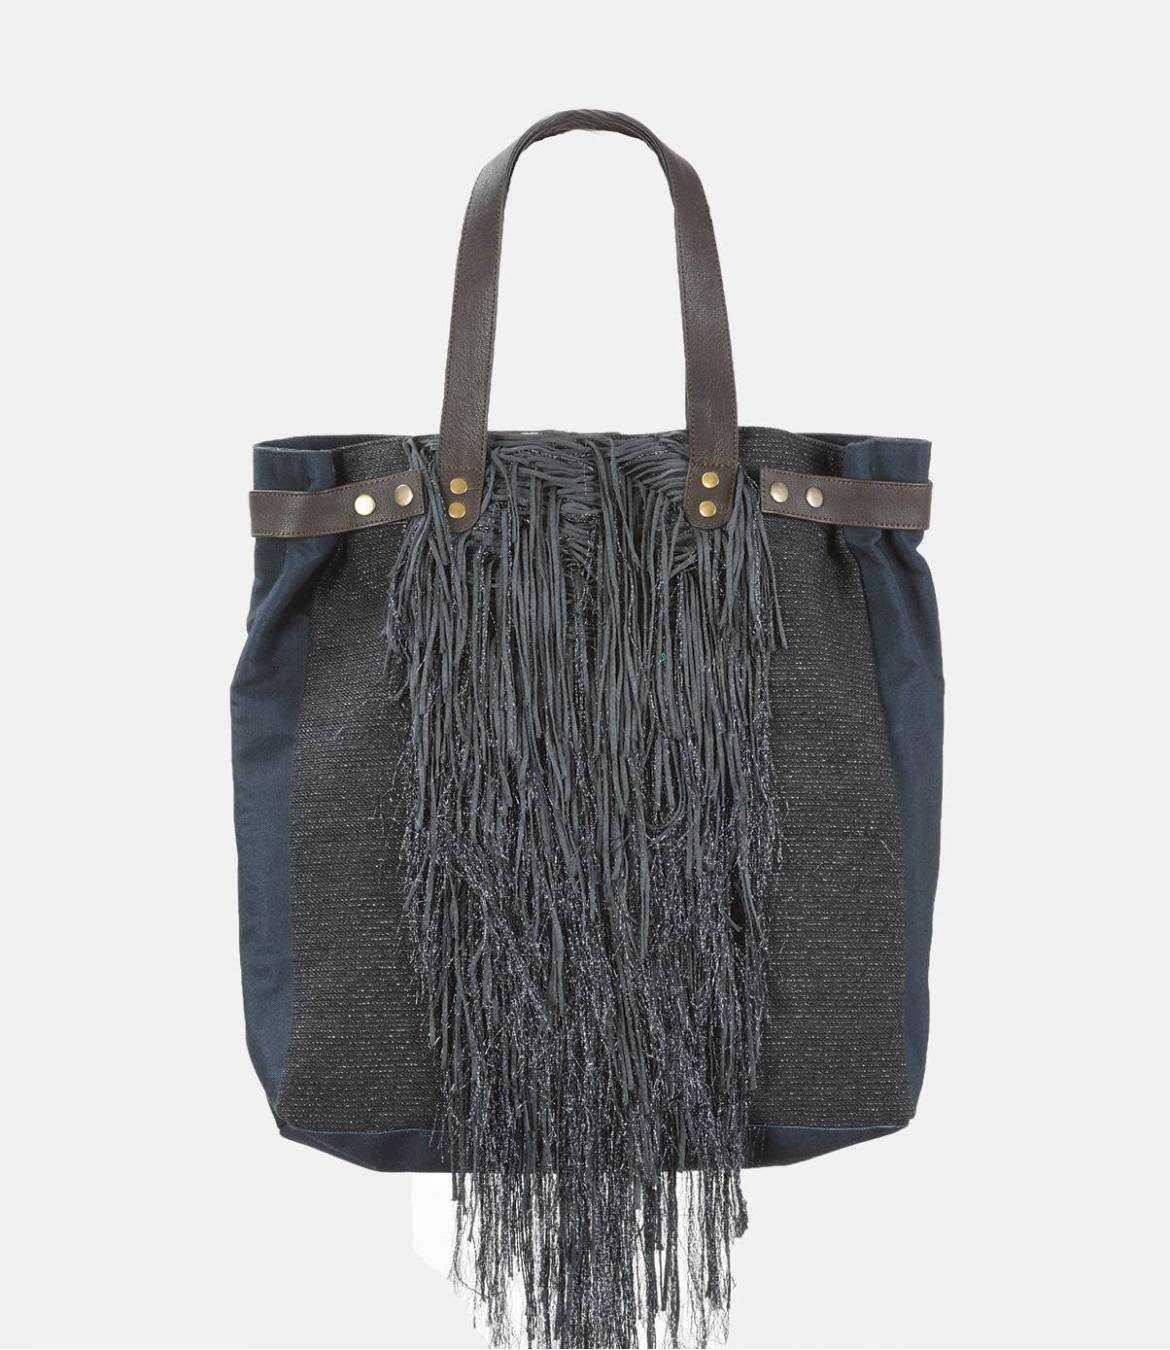 HAPPY FIBY Sac en Polyester, Polyamide, Coton, Cuir pour Femme 35 x 13 x 40 cm Storiatipic - 1